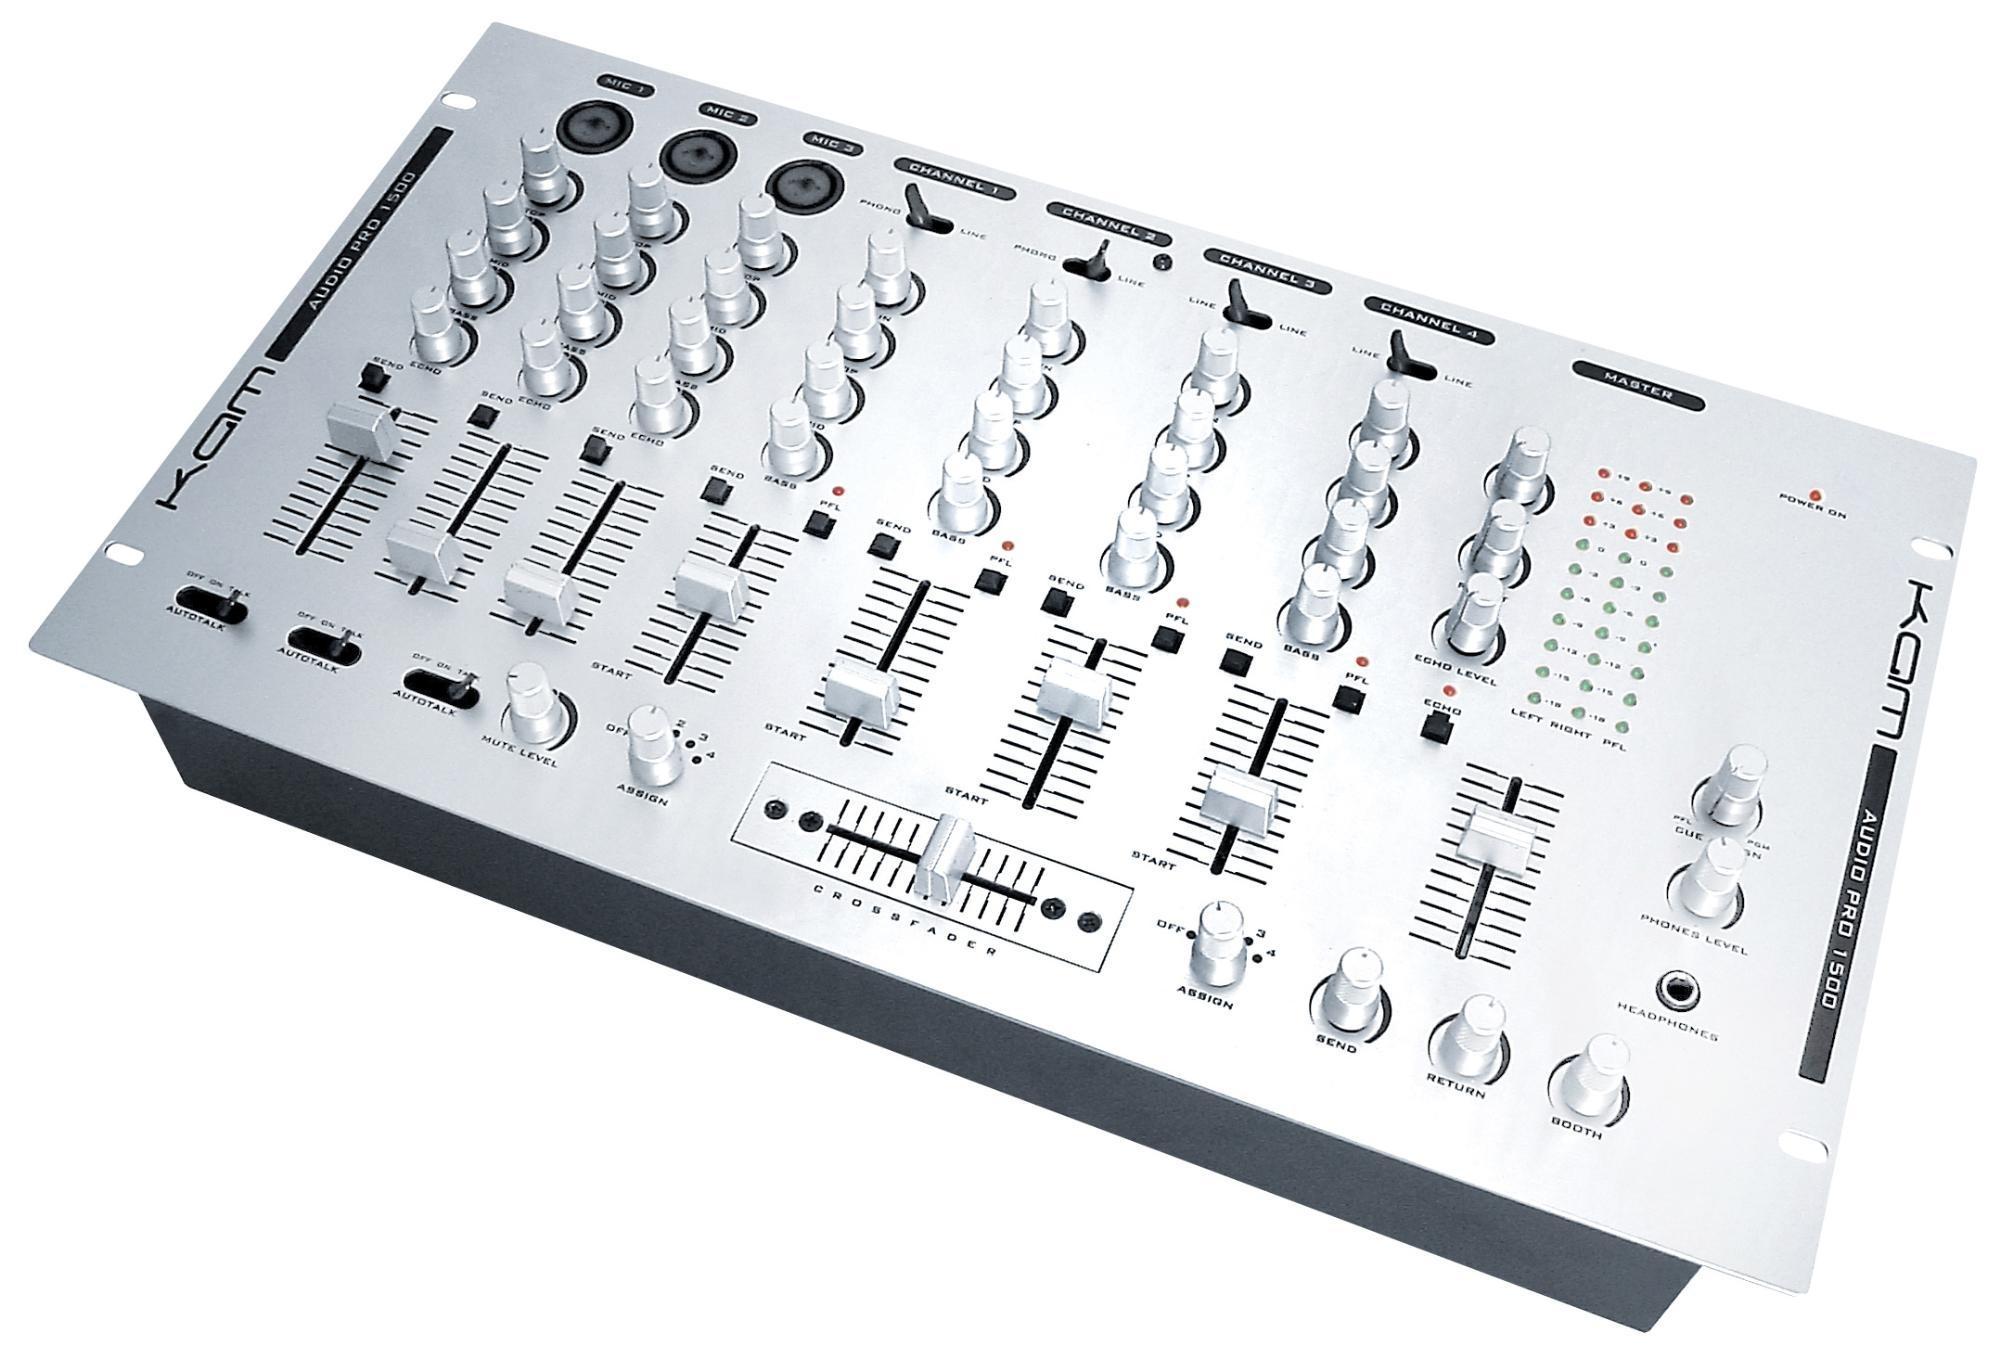 DJ mixer repair KAM 1500 Stock image